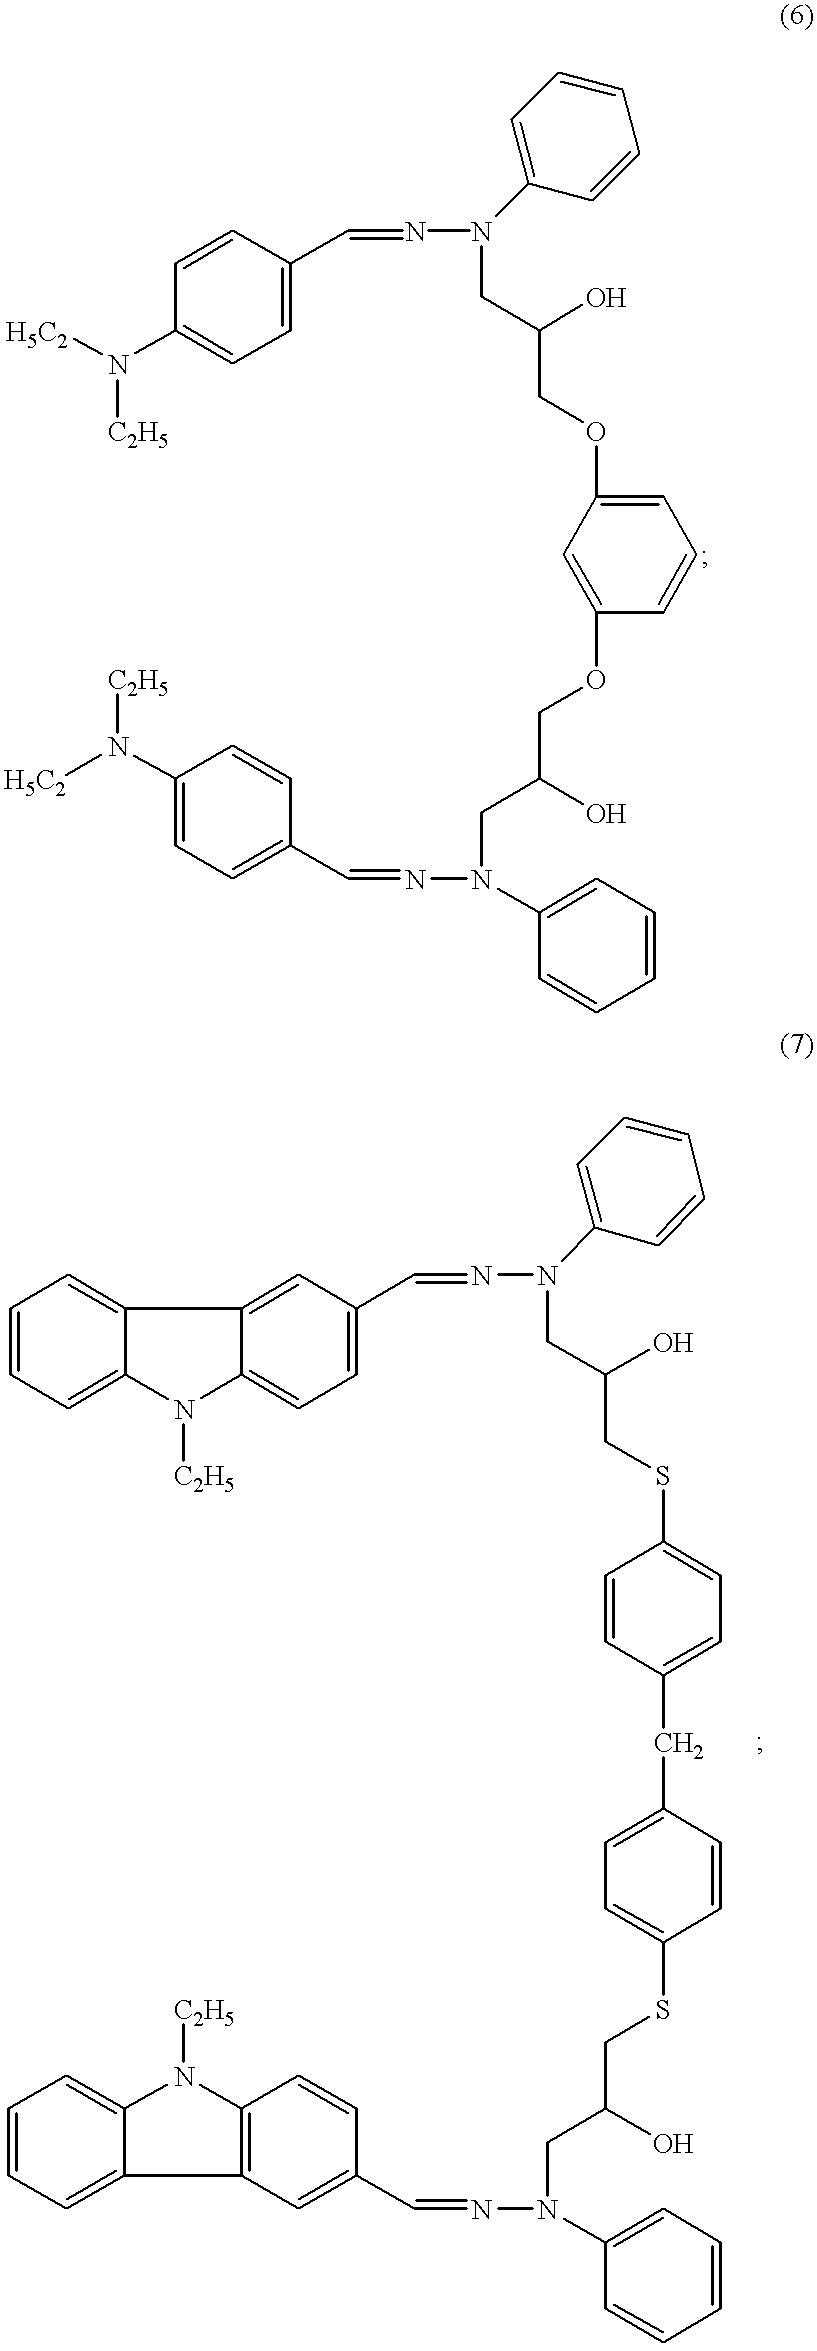 Figure US06214503-20010410-C00009